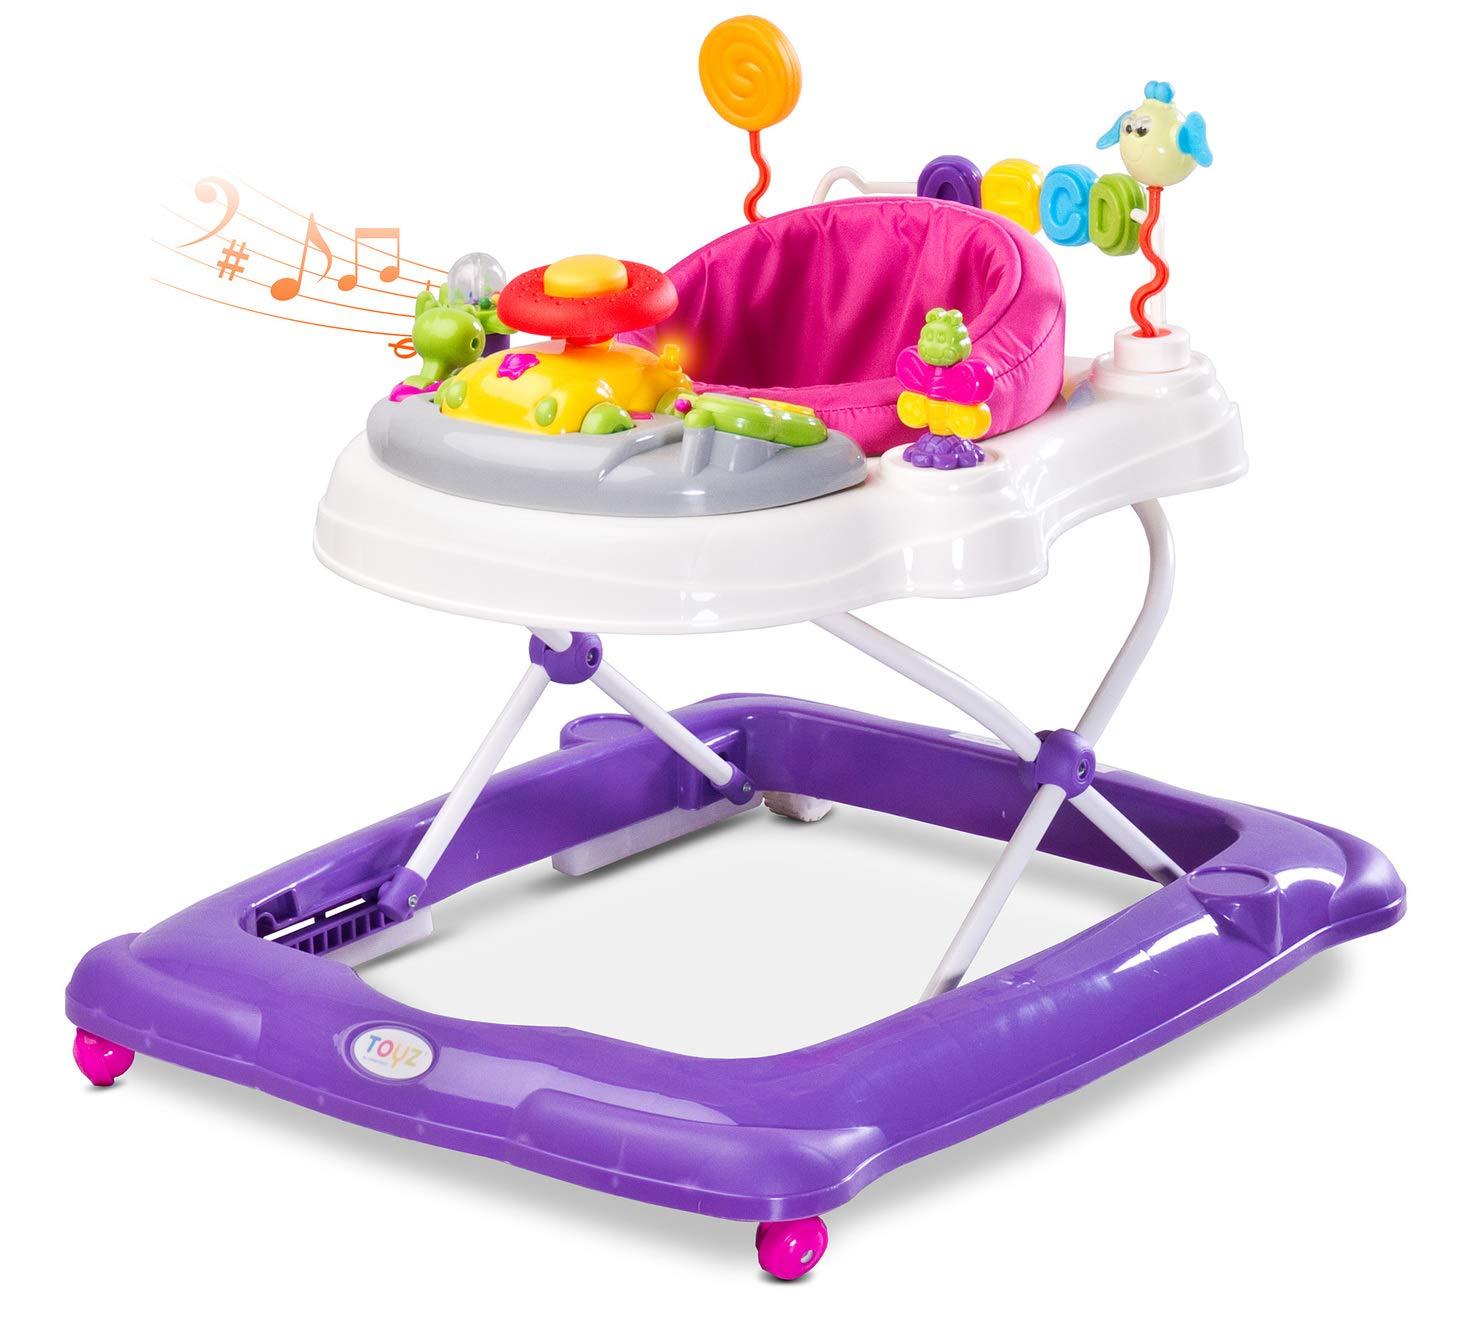 Purple Gehhilfe Caretero Toyz Stepp Lauflernhilfe Laufhilfe mit Spielcenter